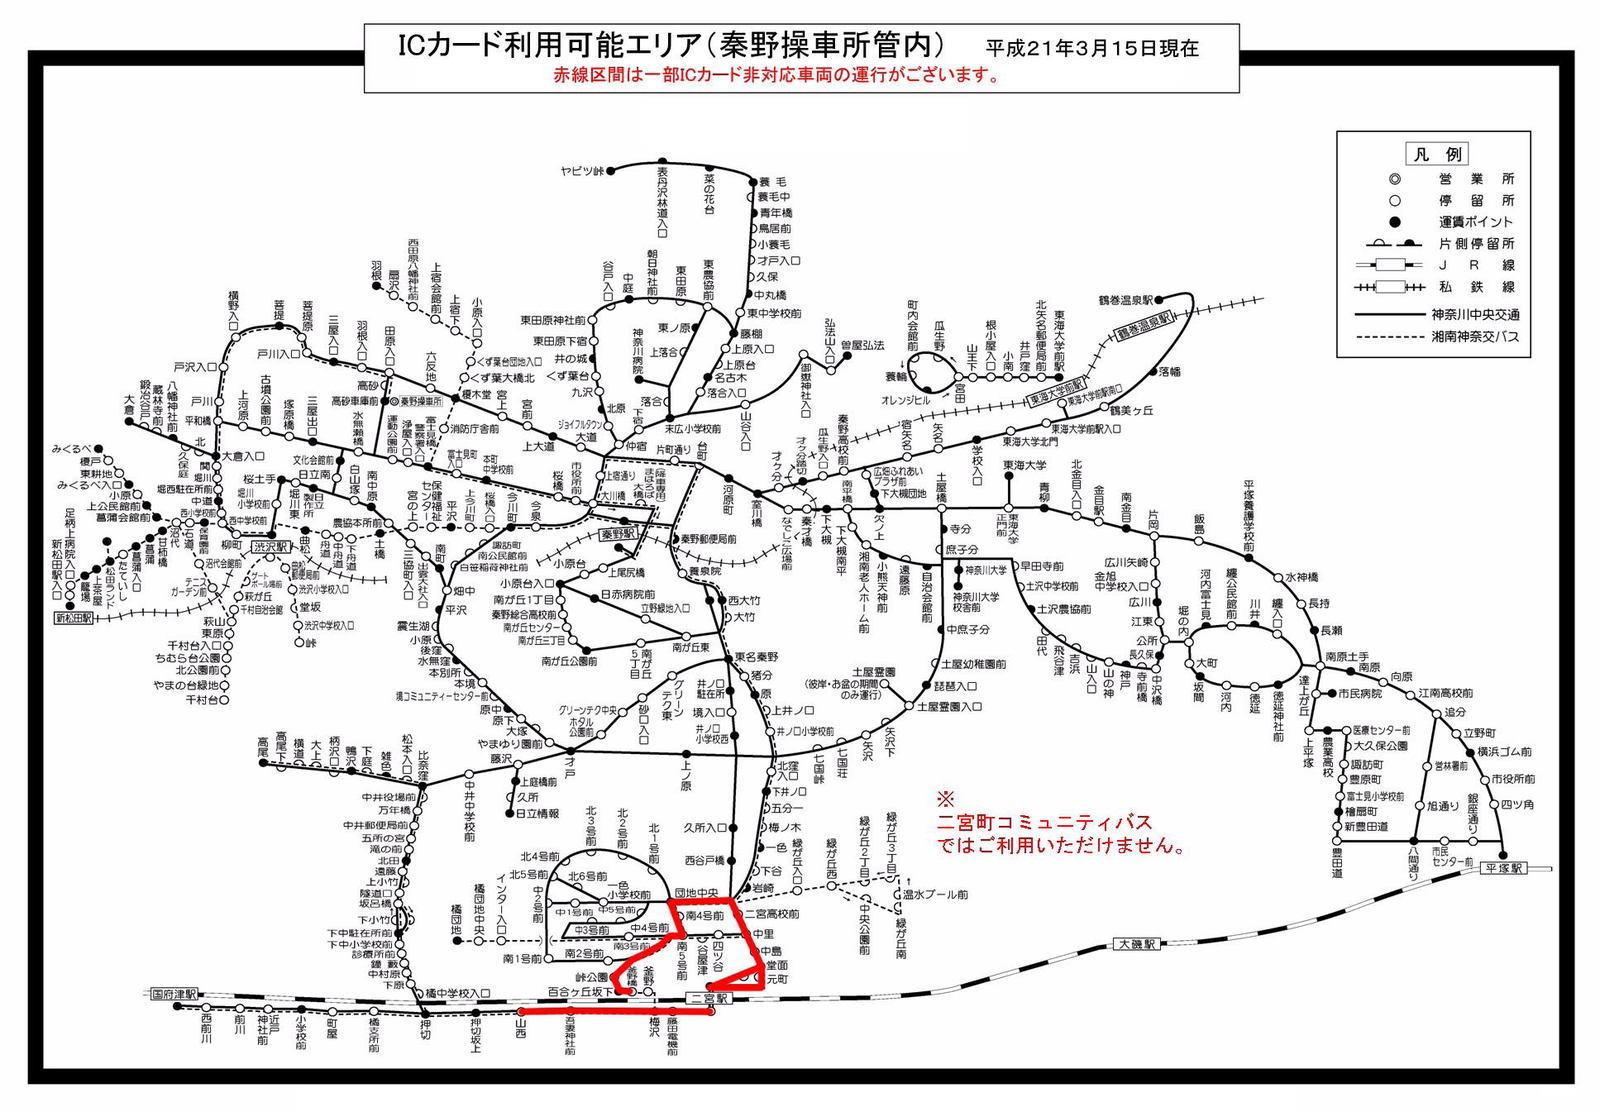 路線 神奈川 中央 図 交通